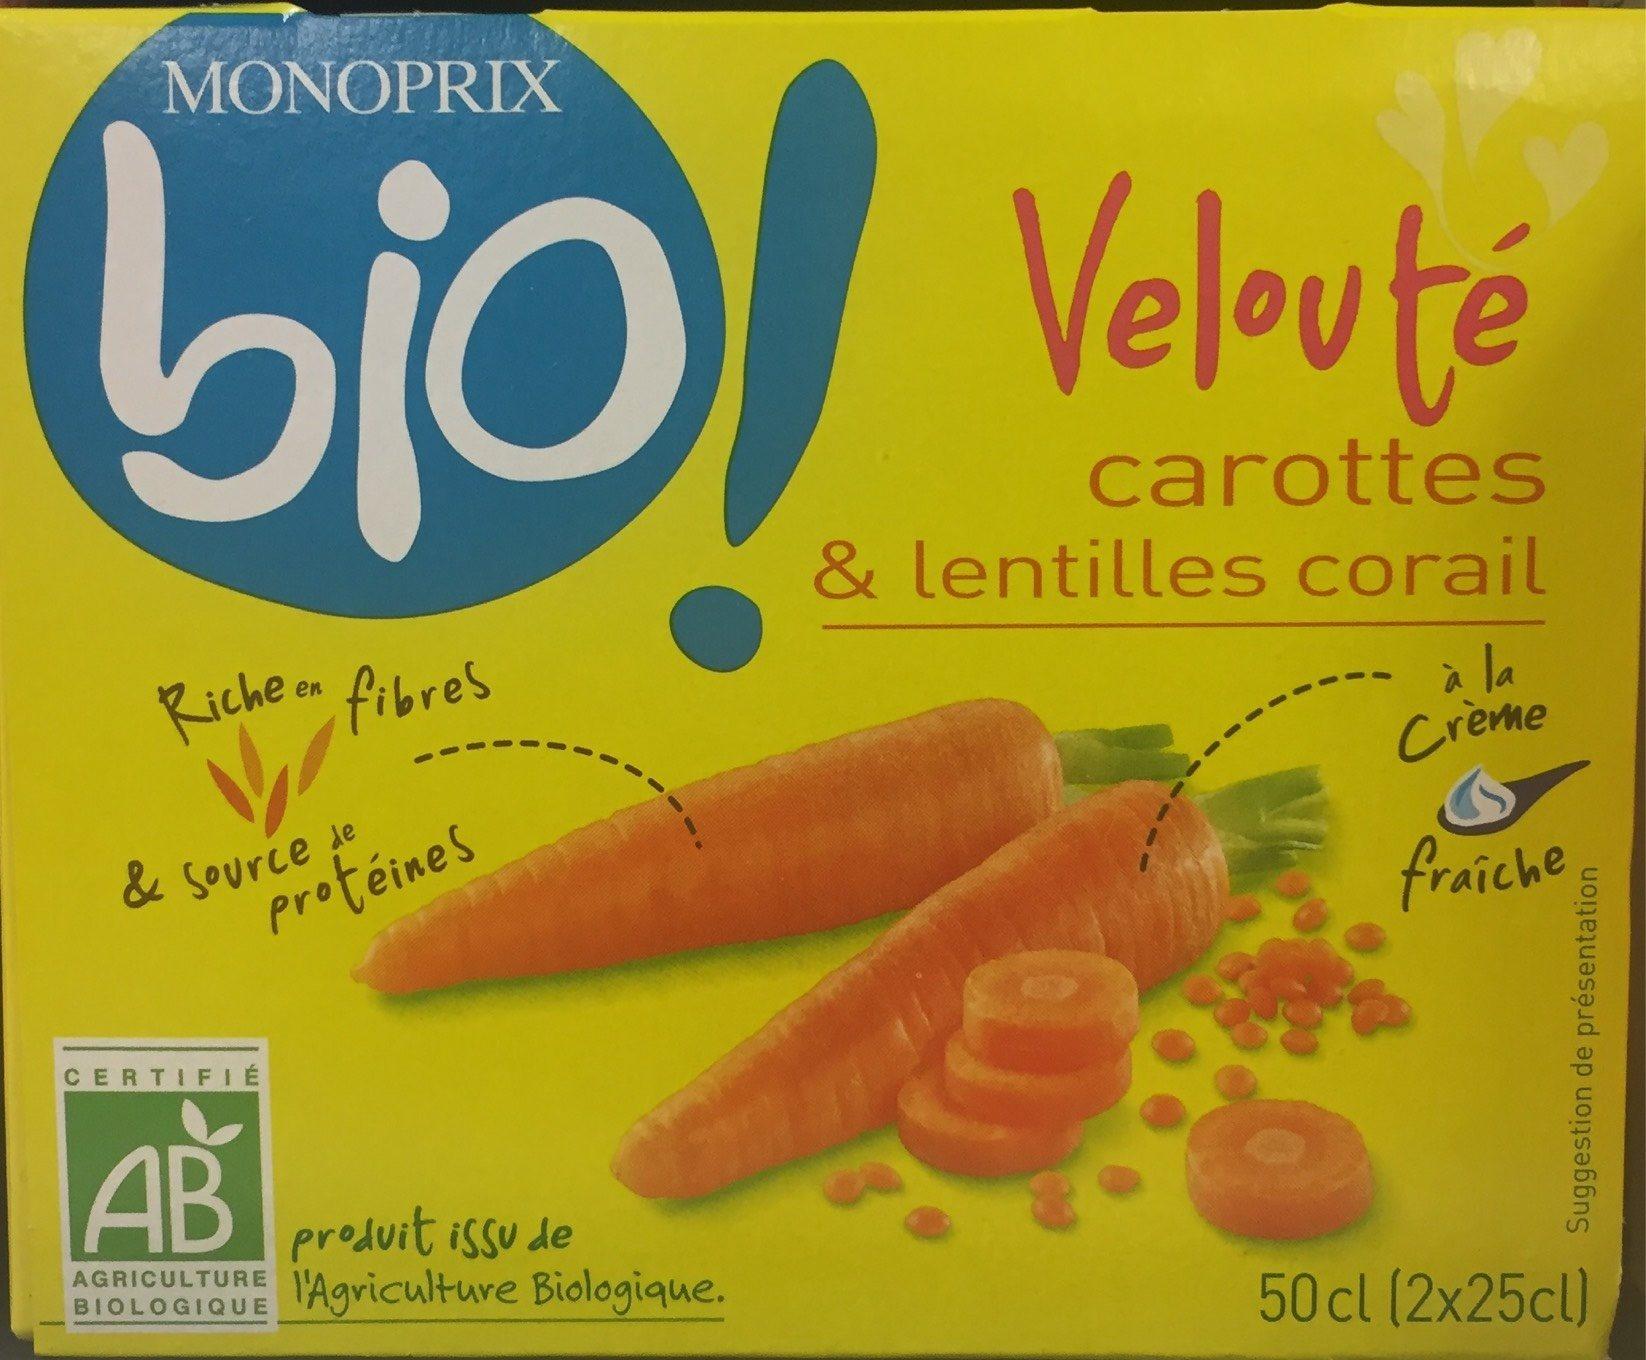 Velouté de carottes et lentilles corail à la crème fraiche - Product